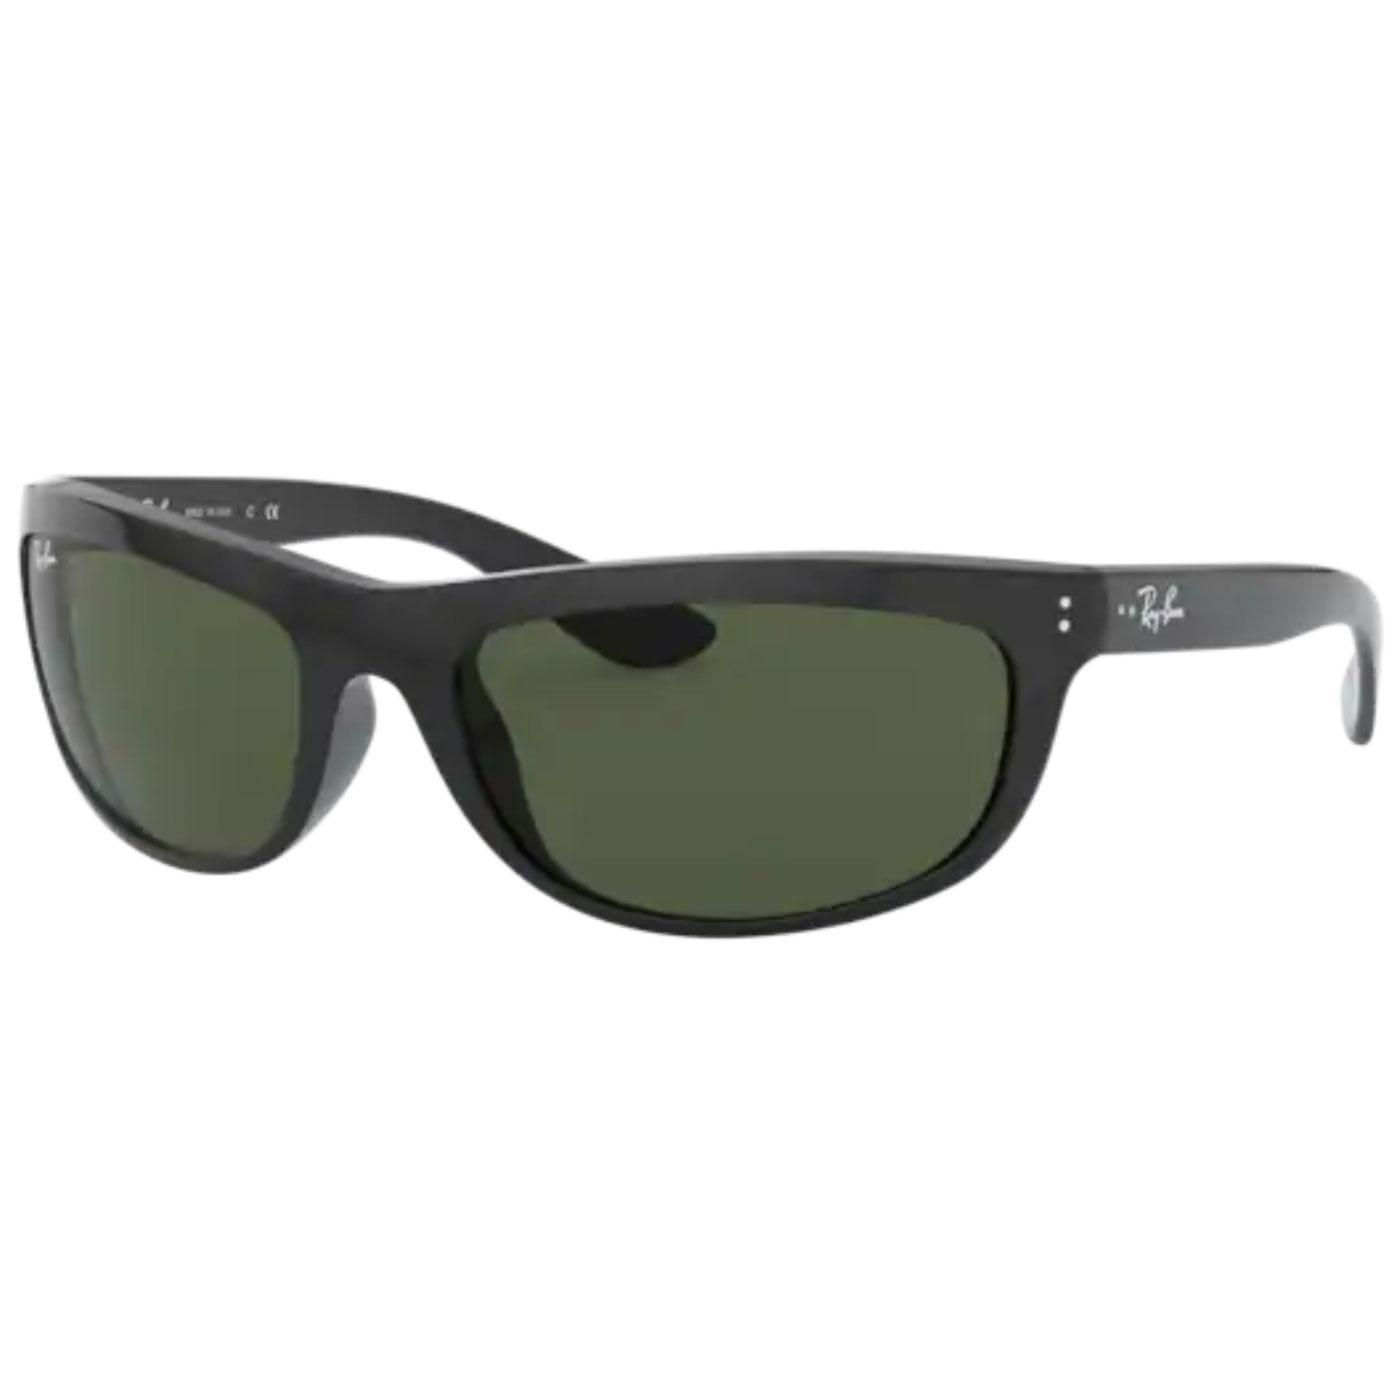 Balorama RAY-BAN Wrap Round G-15 Sunglasses (B)